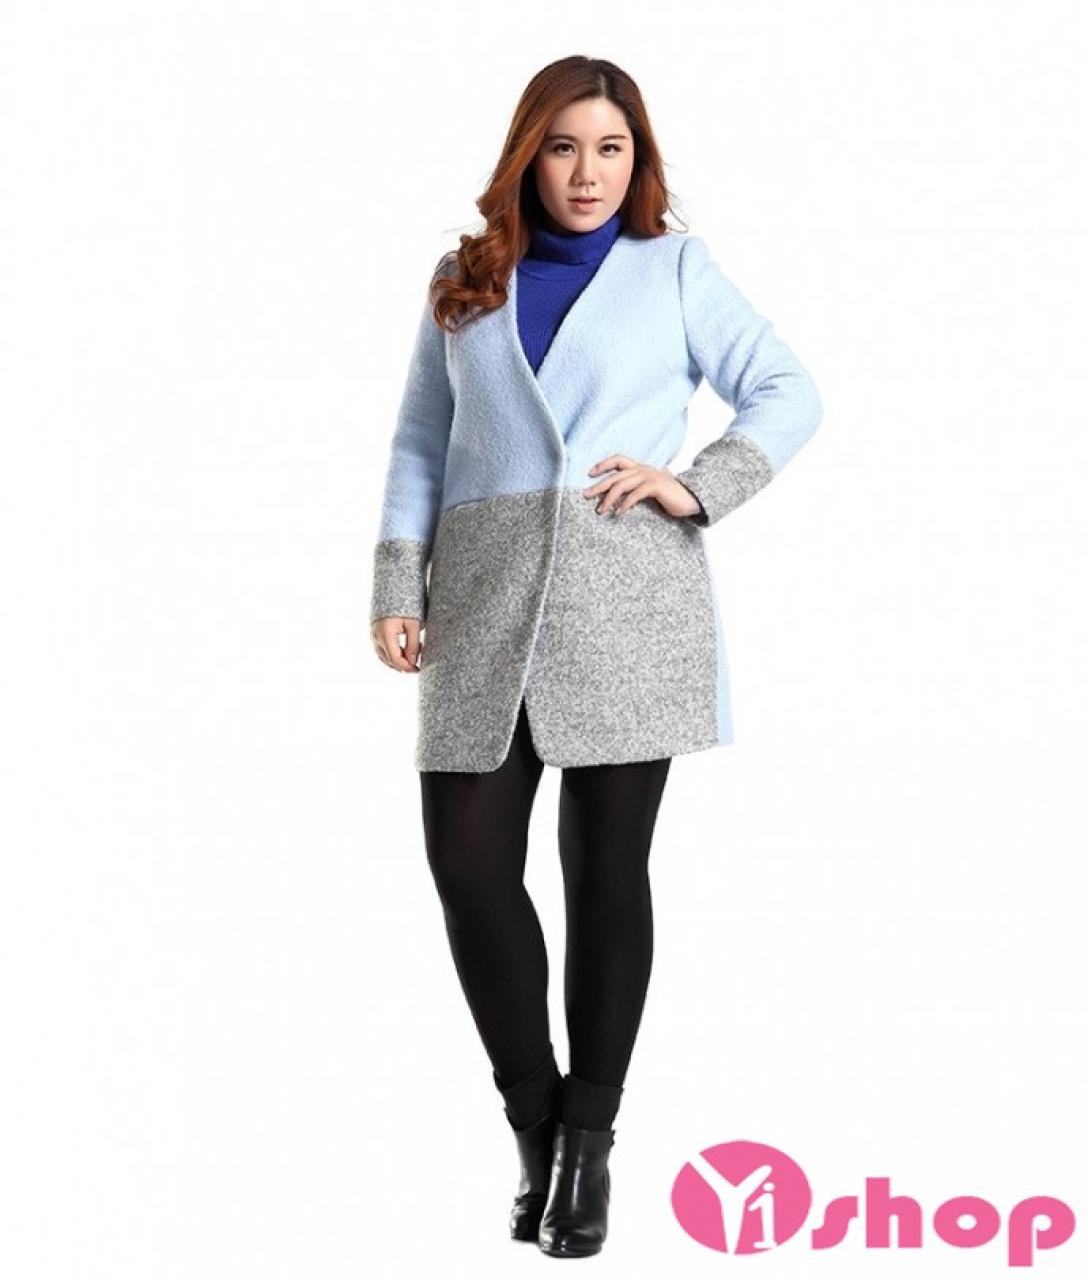 Những kiểu áo khoác nữ công sở đẹp cho nàng mập mạp tự tin thu đông 2019